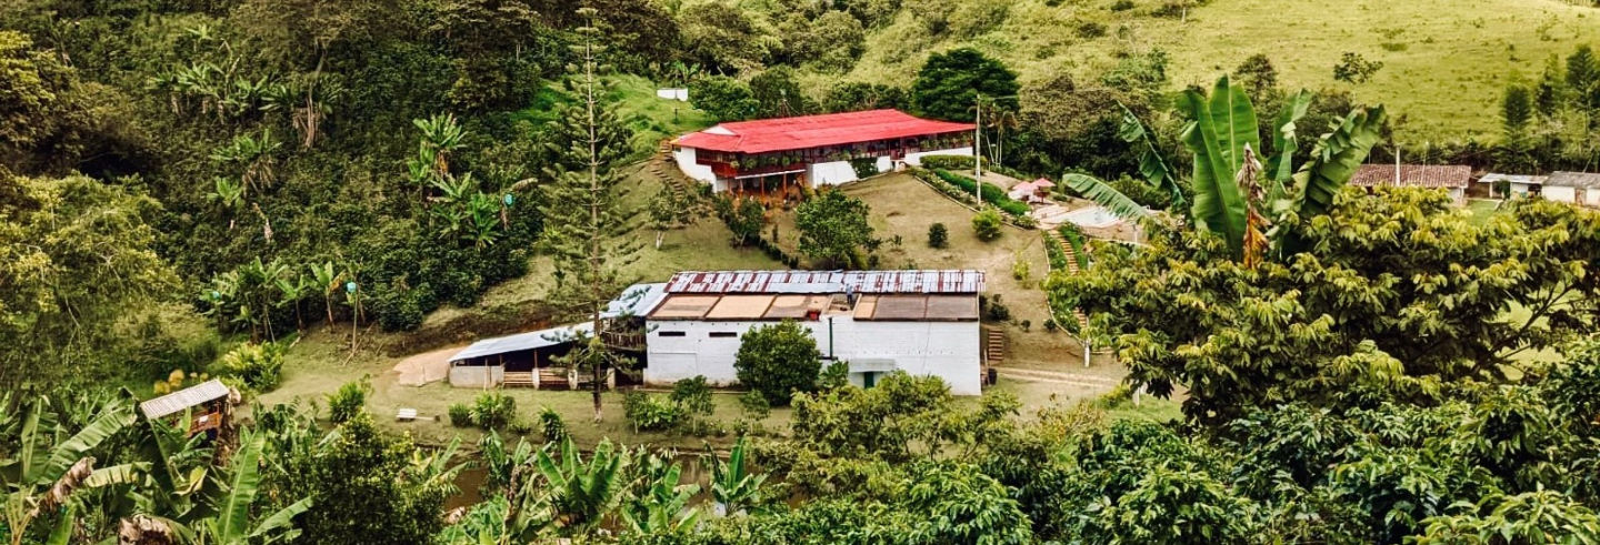 Excursión privada a la finca La Mina